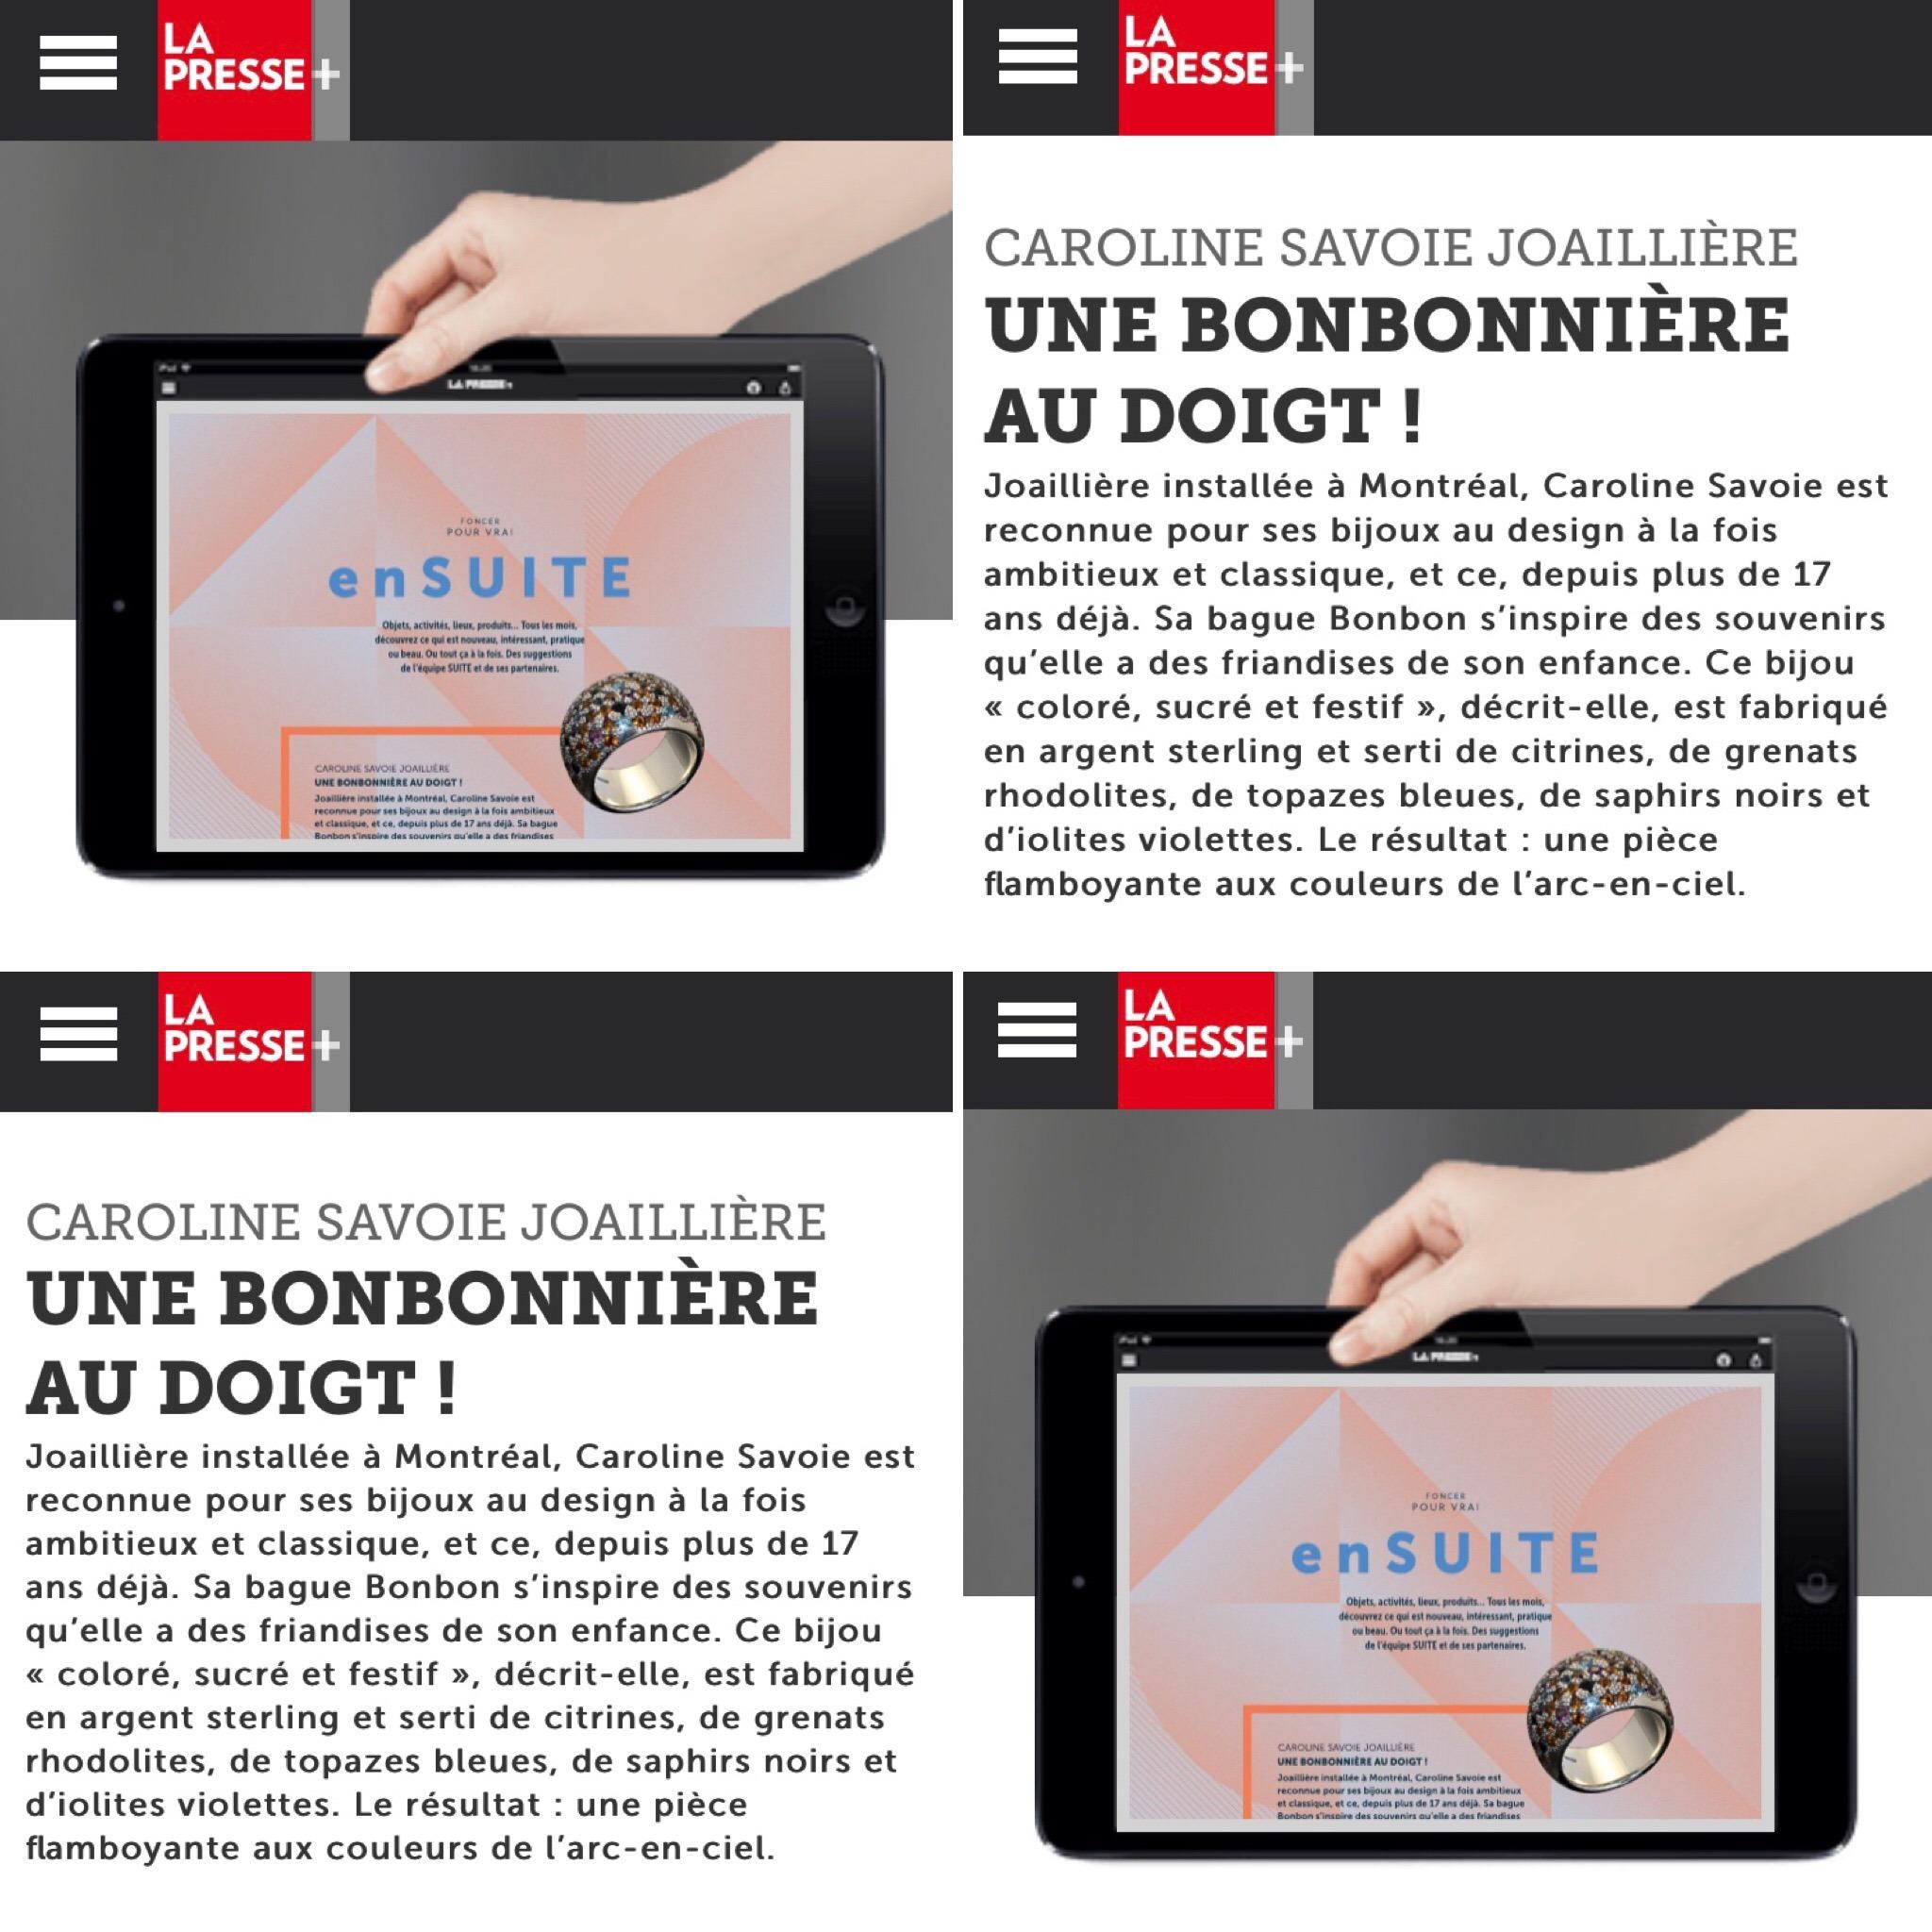 Caroline Savoie Joaillerie La Presse Plus Bague Bonbon Bijoux Faits a la main au Quebec (1)